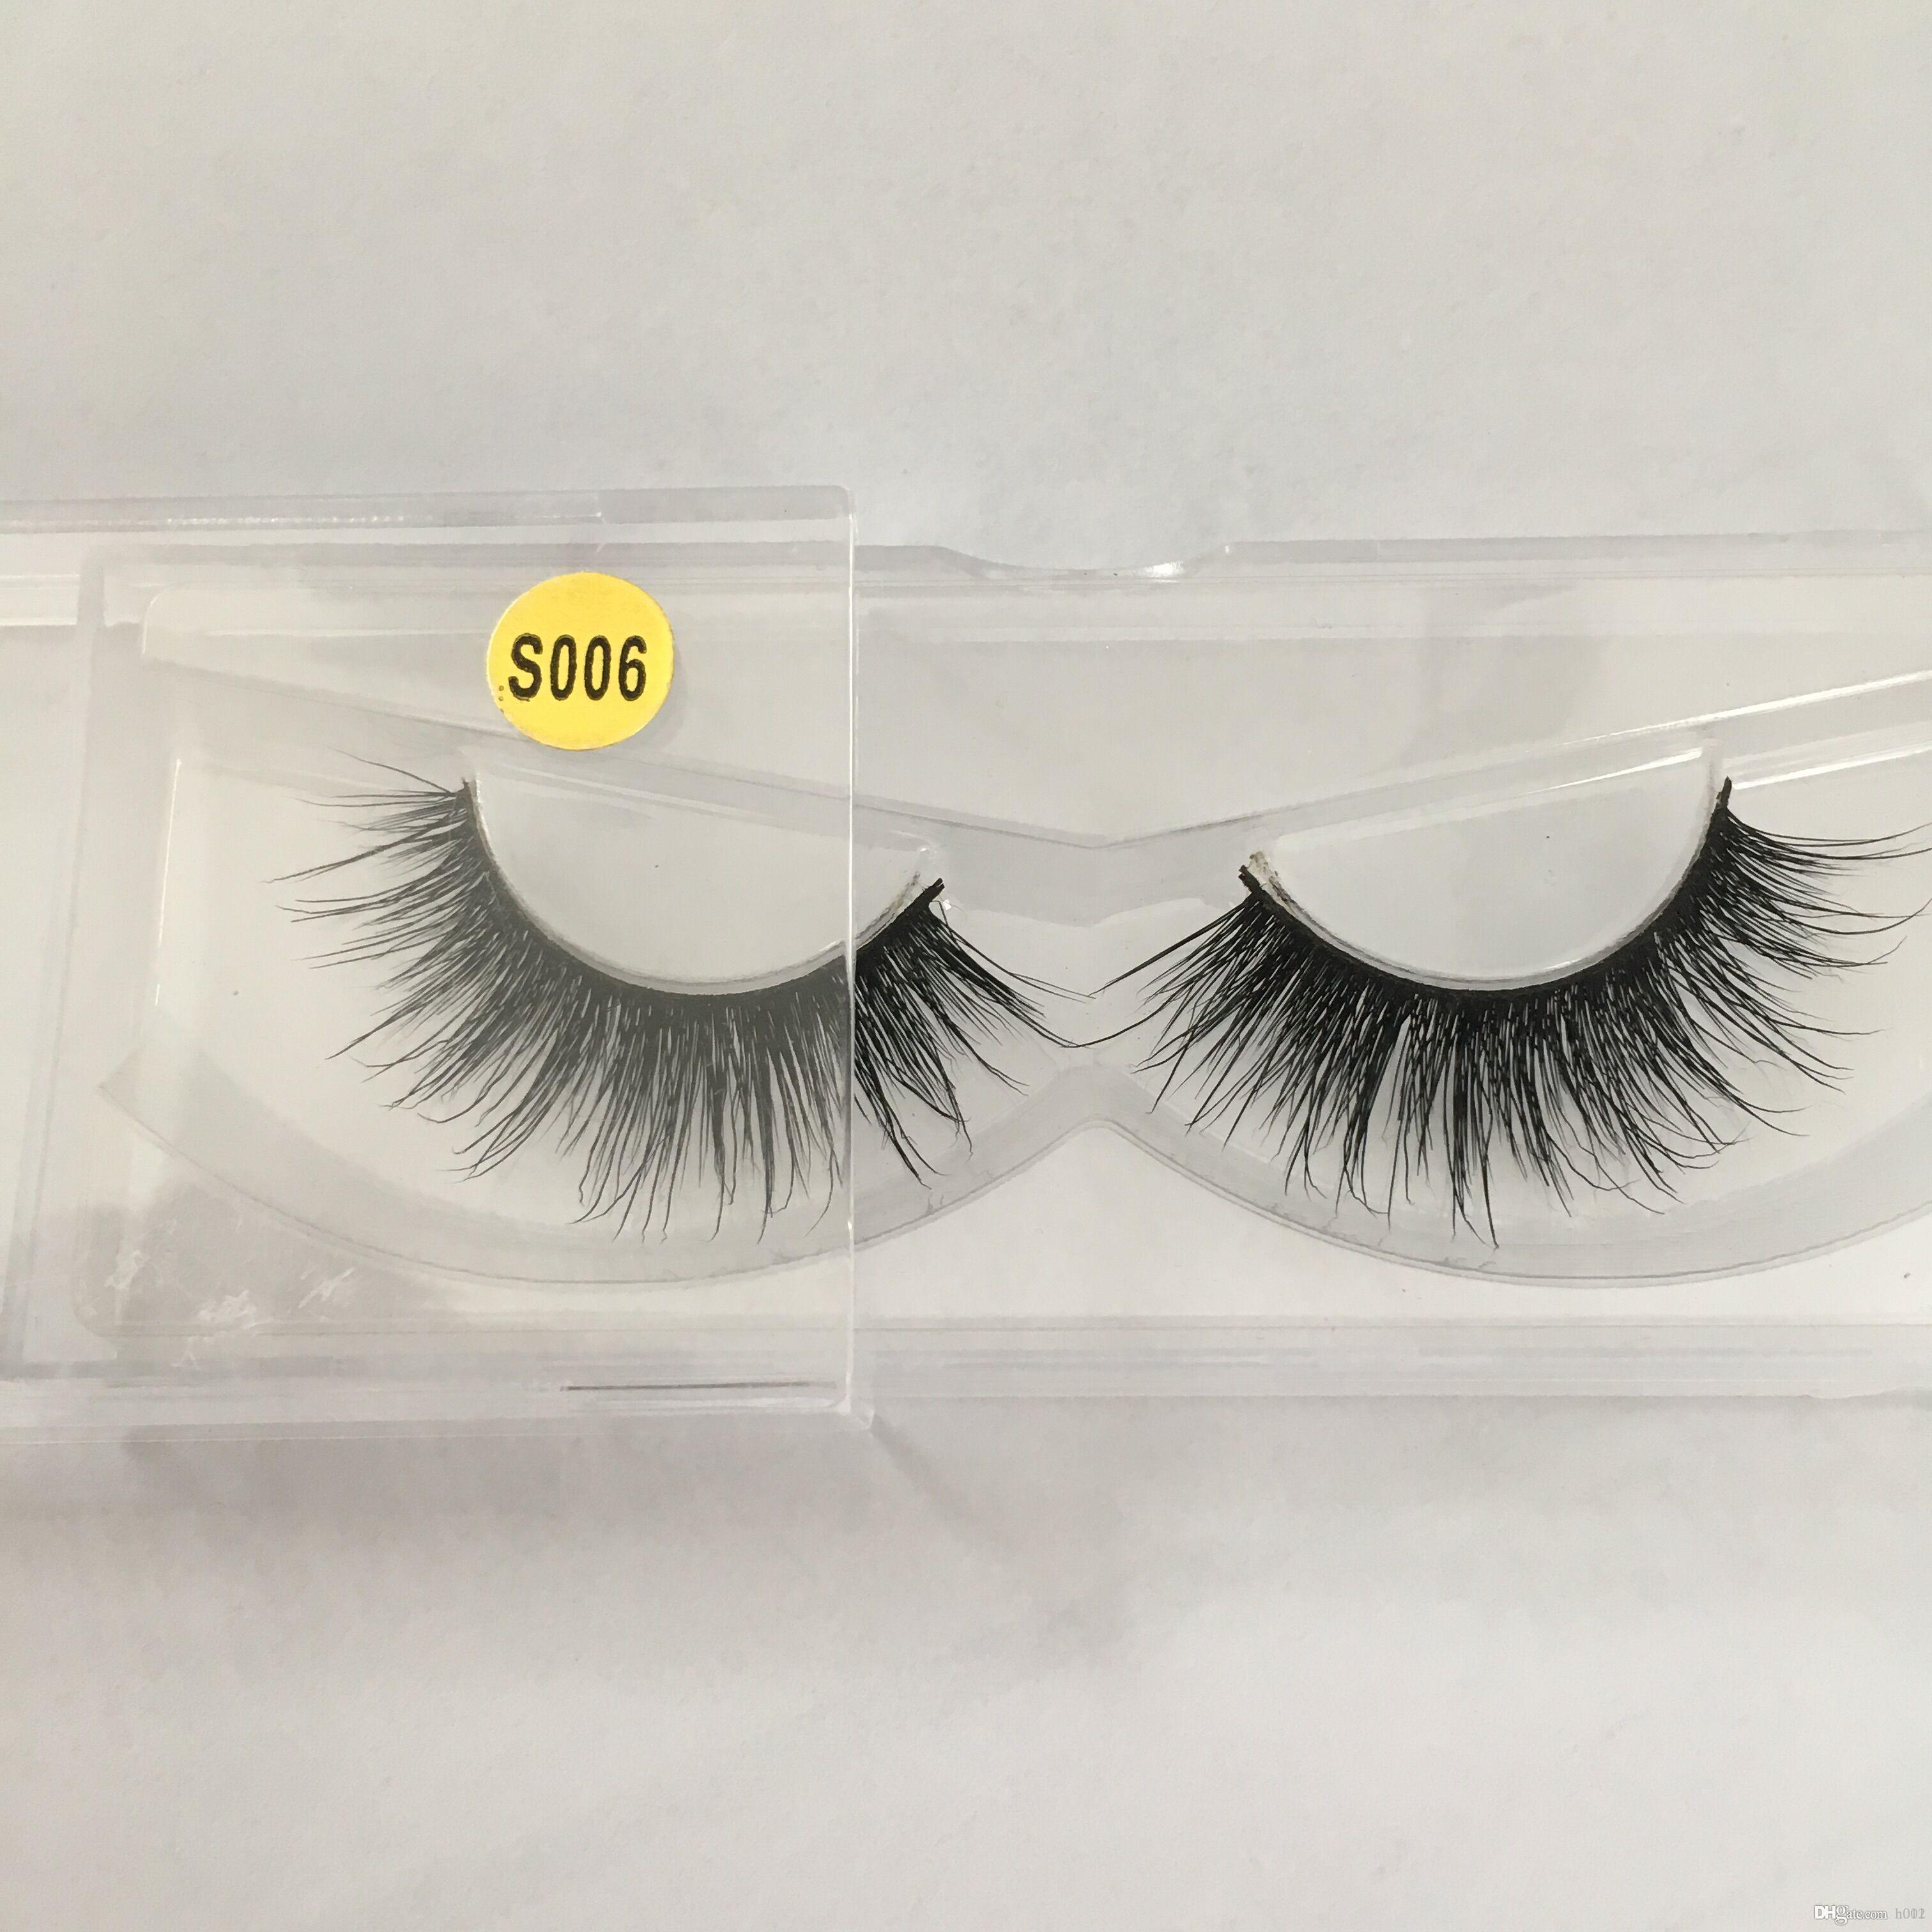 6aa768f5117 Charming False Eyelashes Messy Cross Thick Natural 3D Fake Eye ...